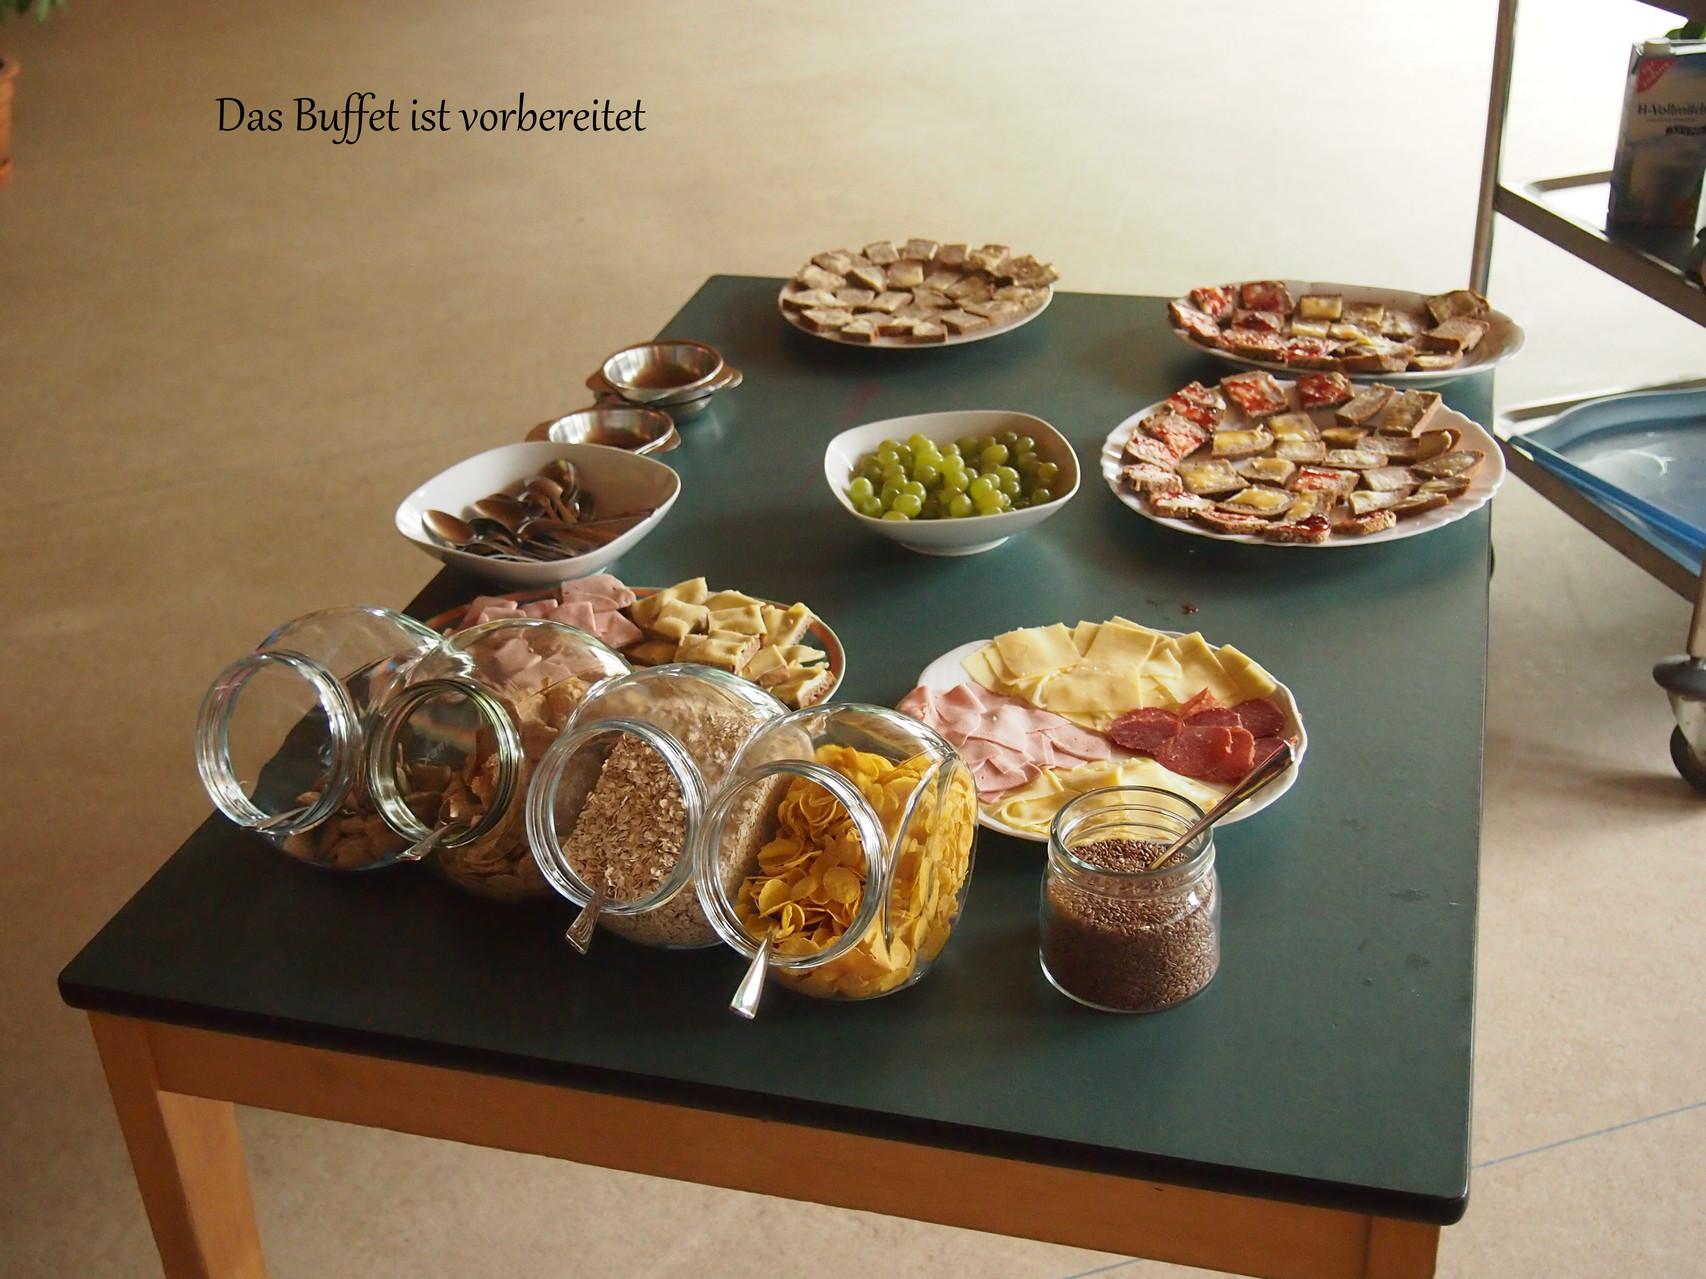 Das Buffet ist angerichtet